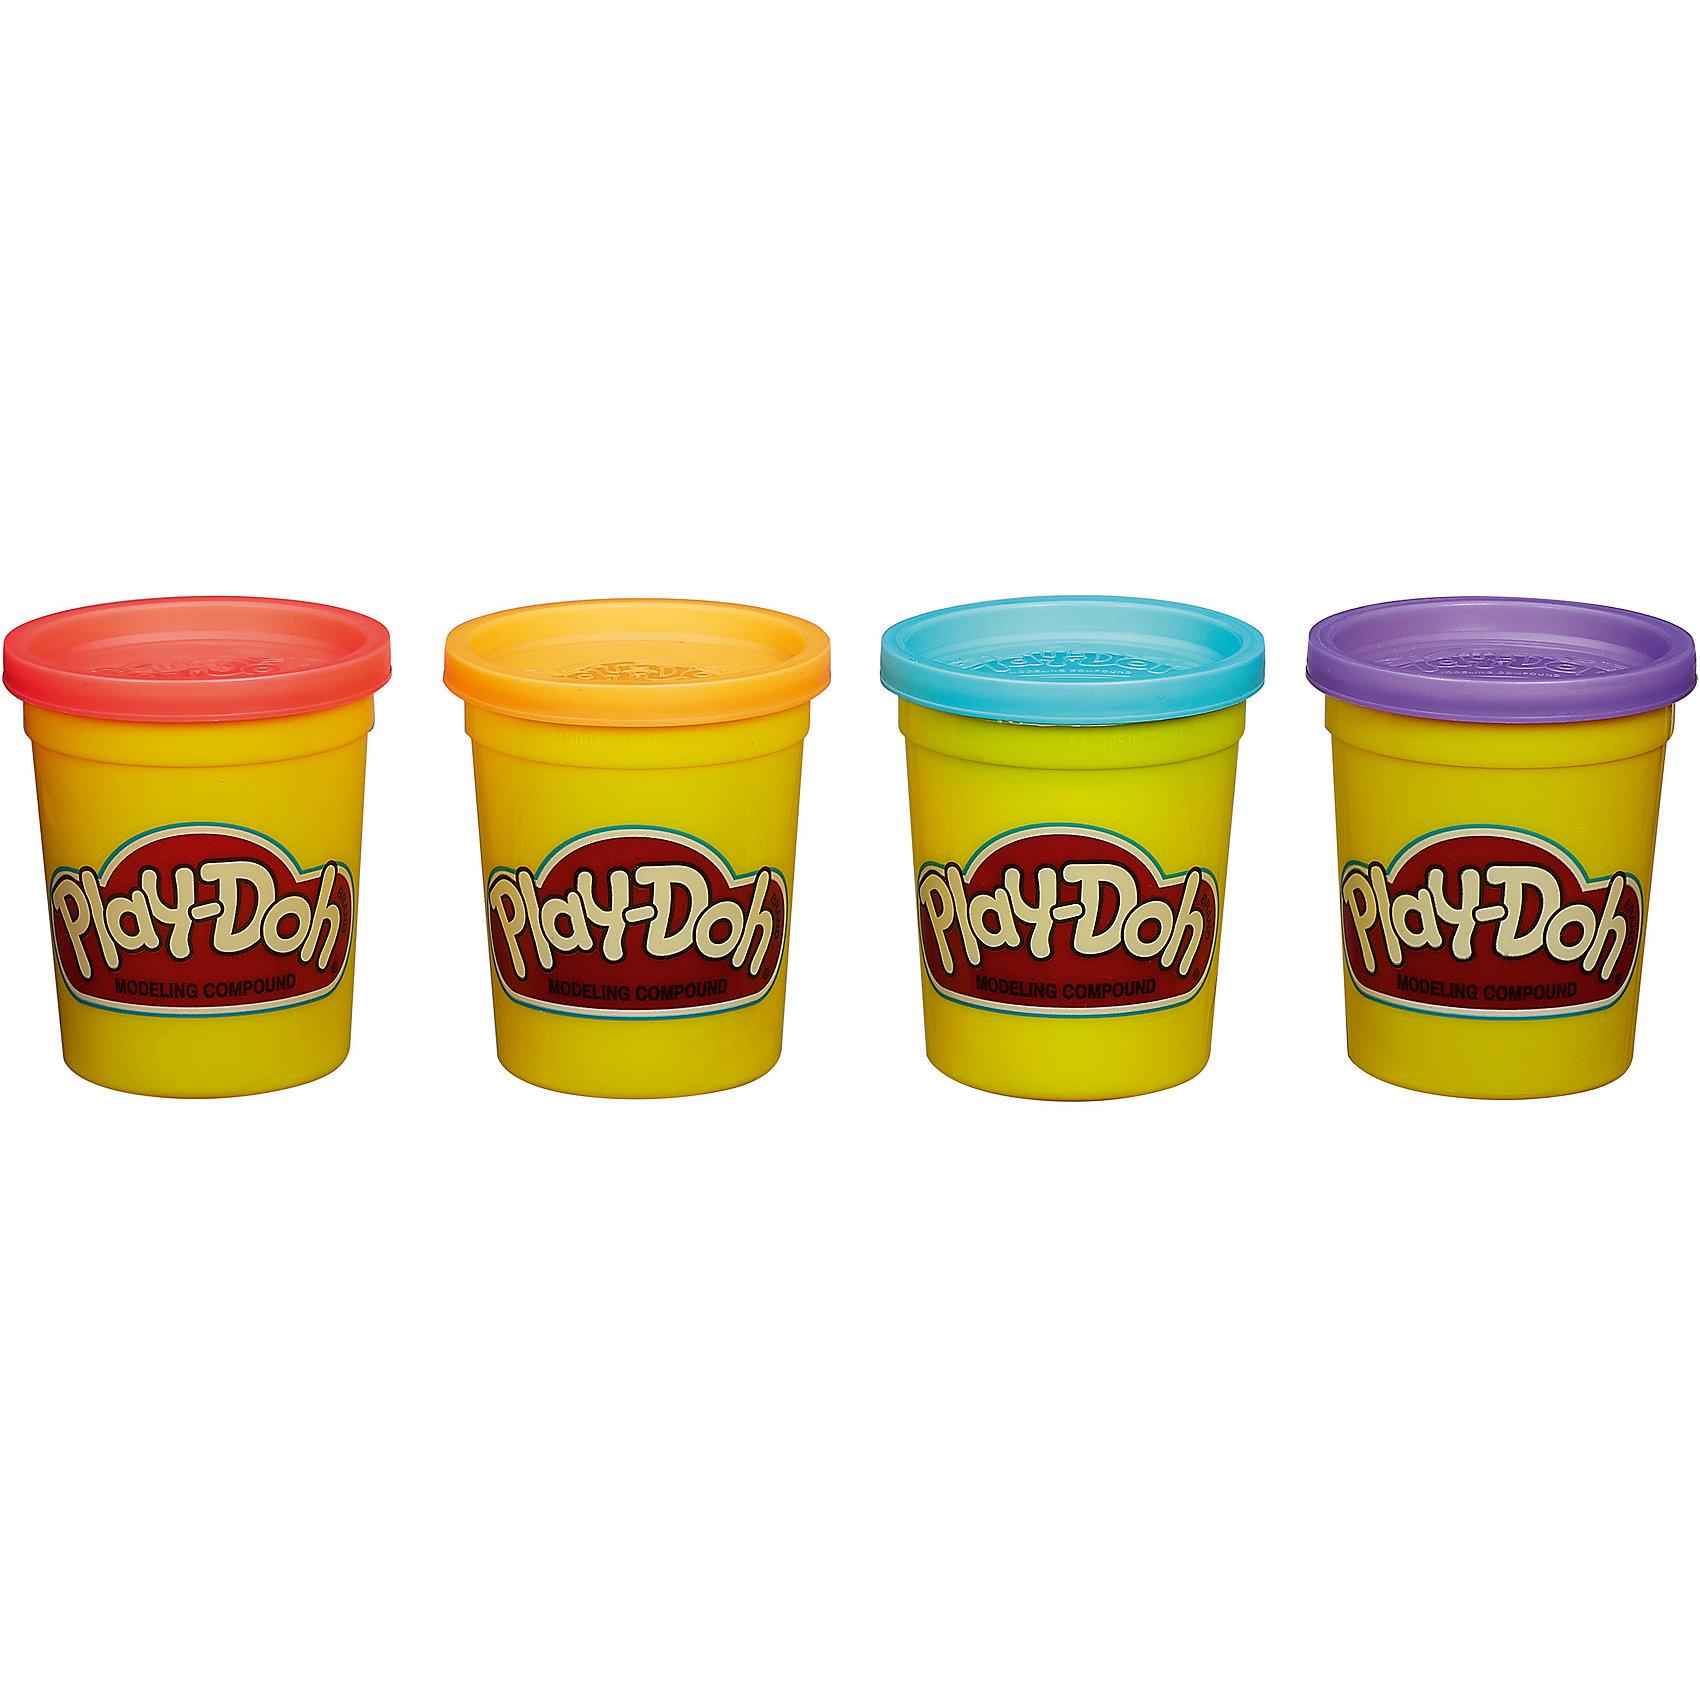 ��������� � 4-� ������,#1, Play-Doh (Hasbro)